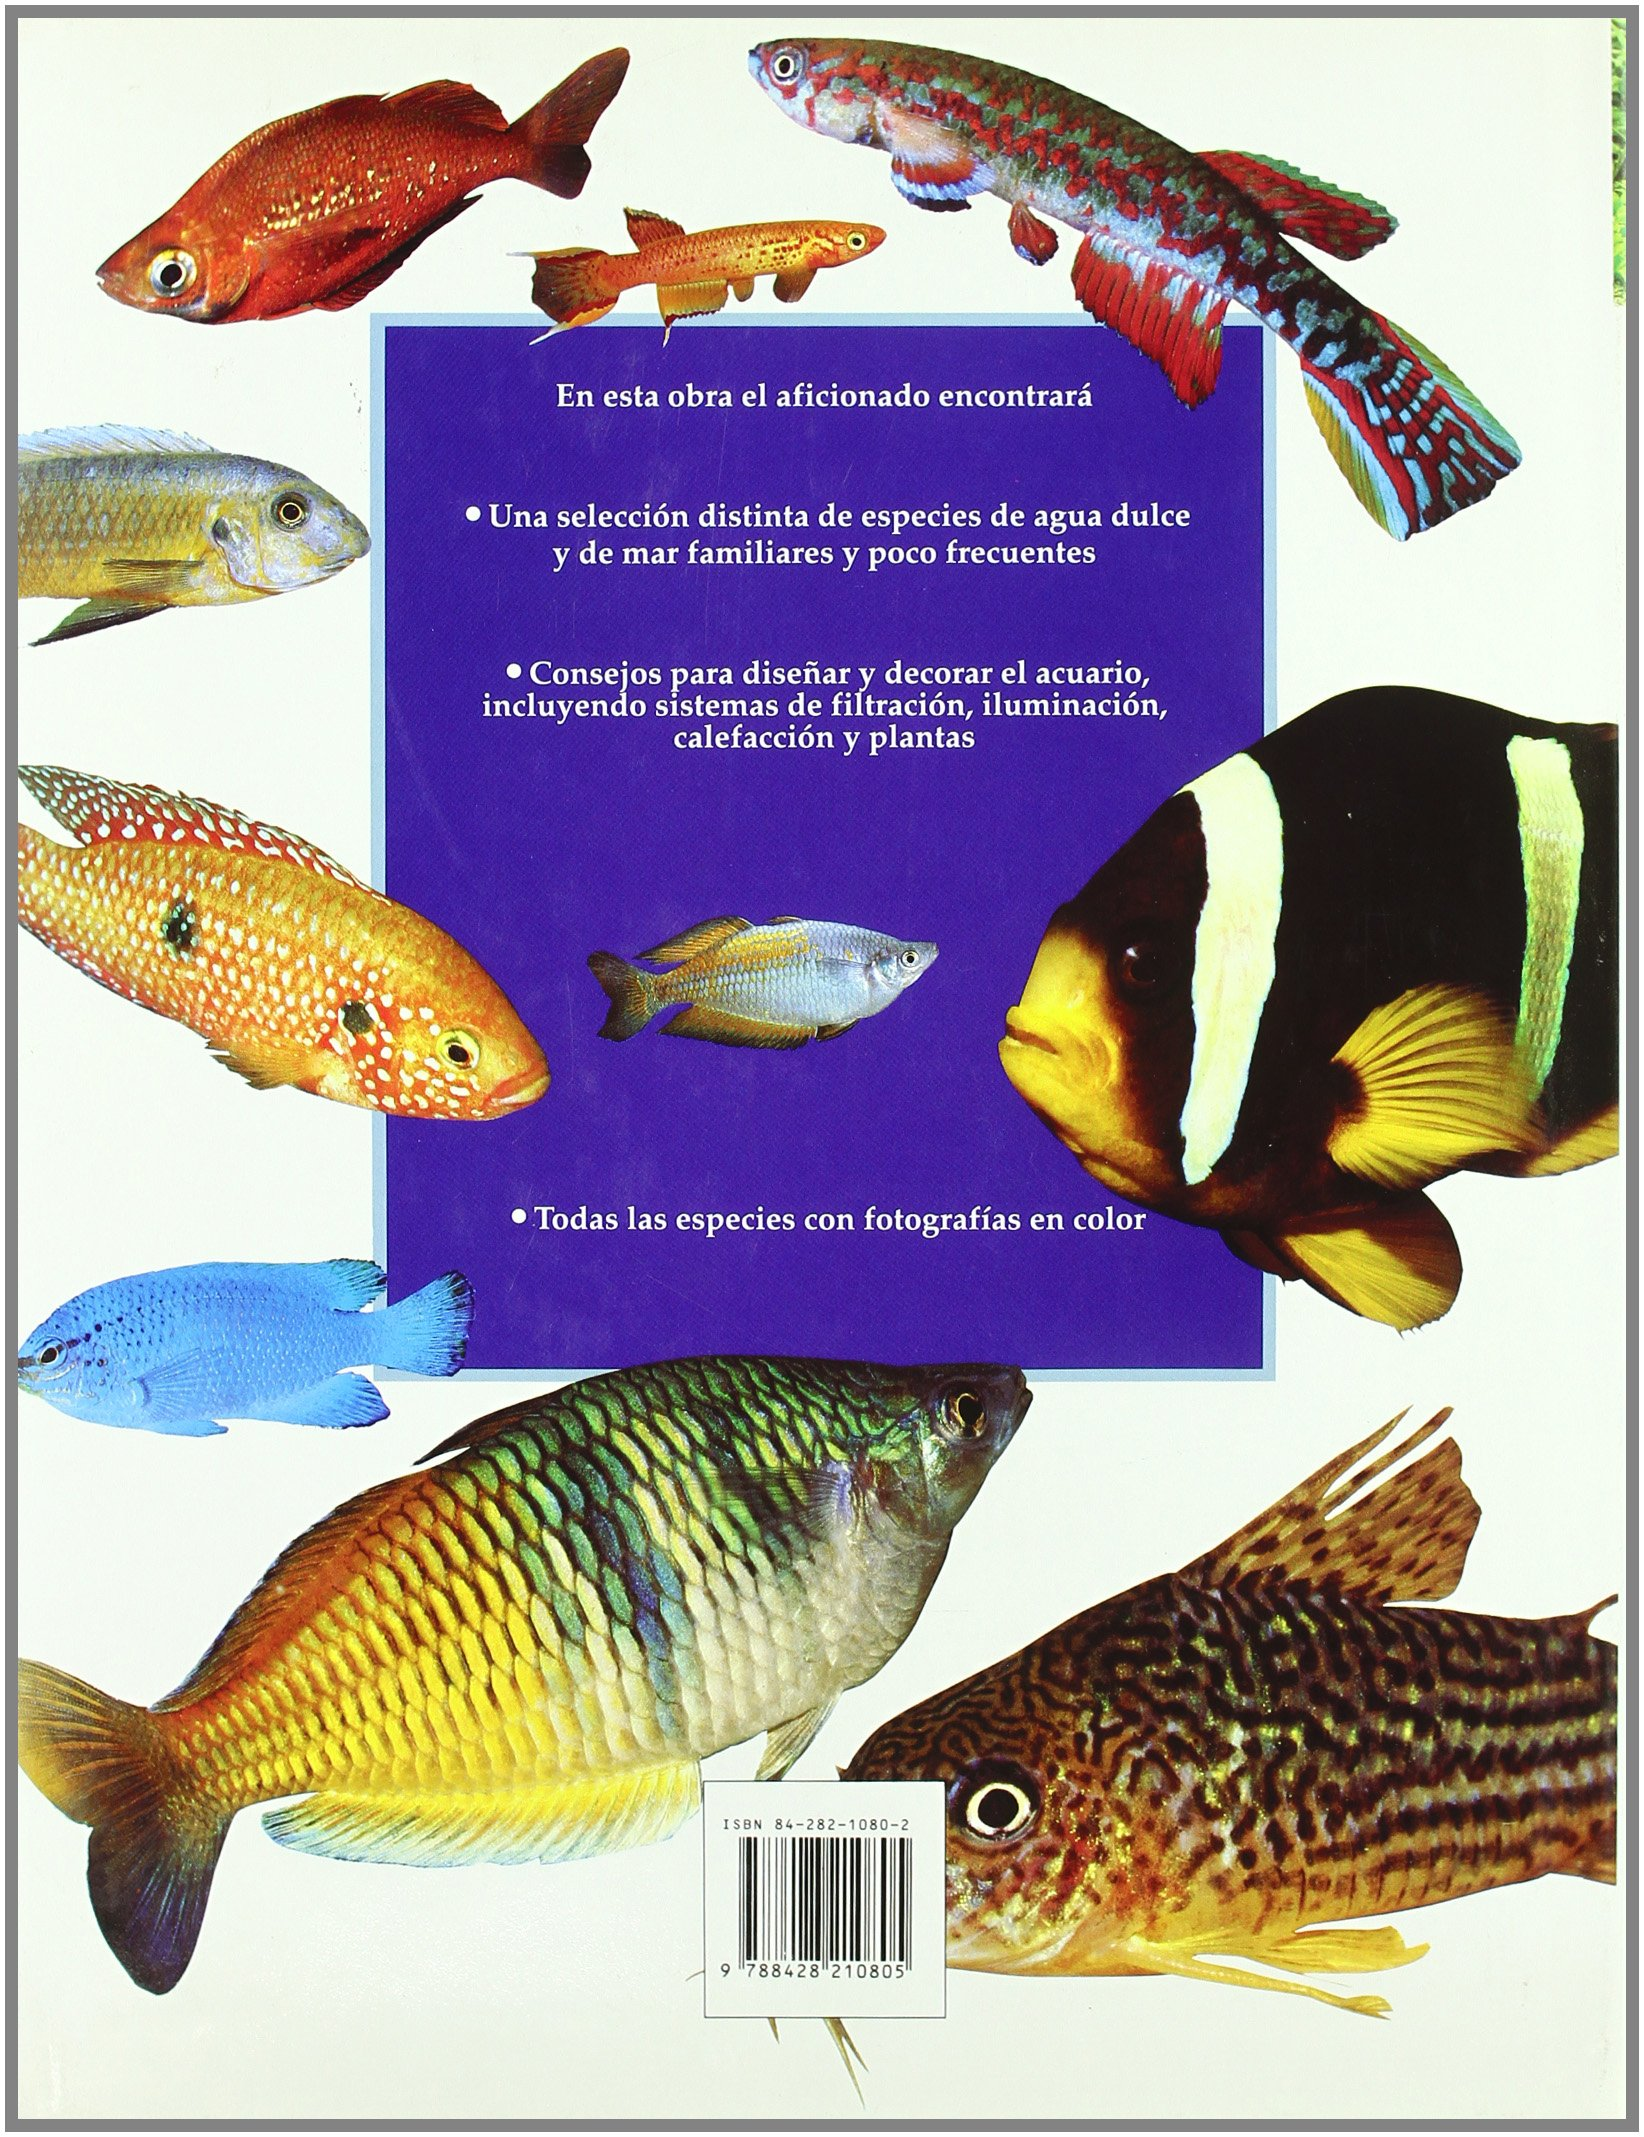 PECES DE ACUARIO. GRAN FORMATO GUIAS DEL NATURALISTA-PECES-MOLUSCOS-BIOLOGIA MARINA: Amazon.es: GINA SANDFORD: Libros